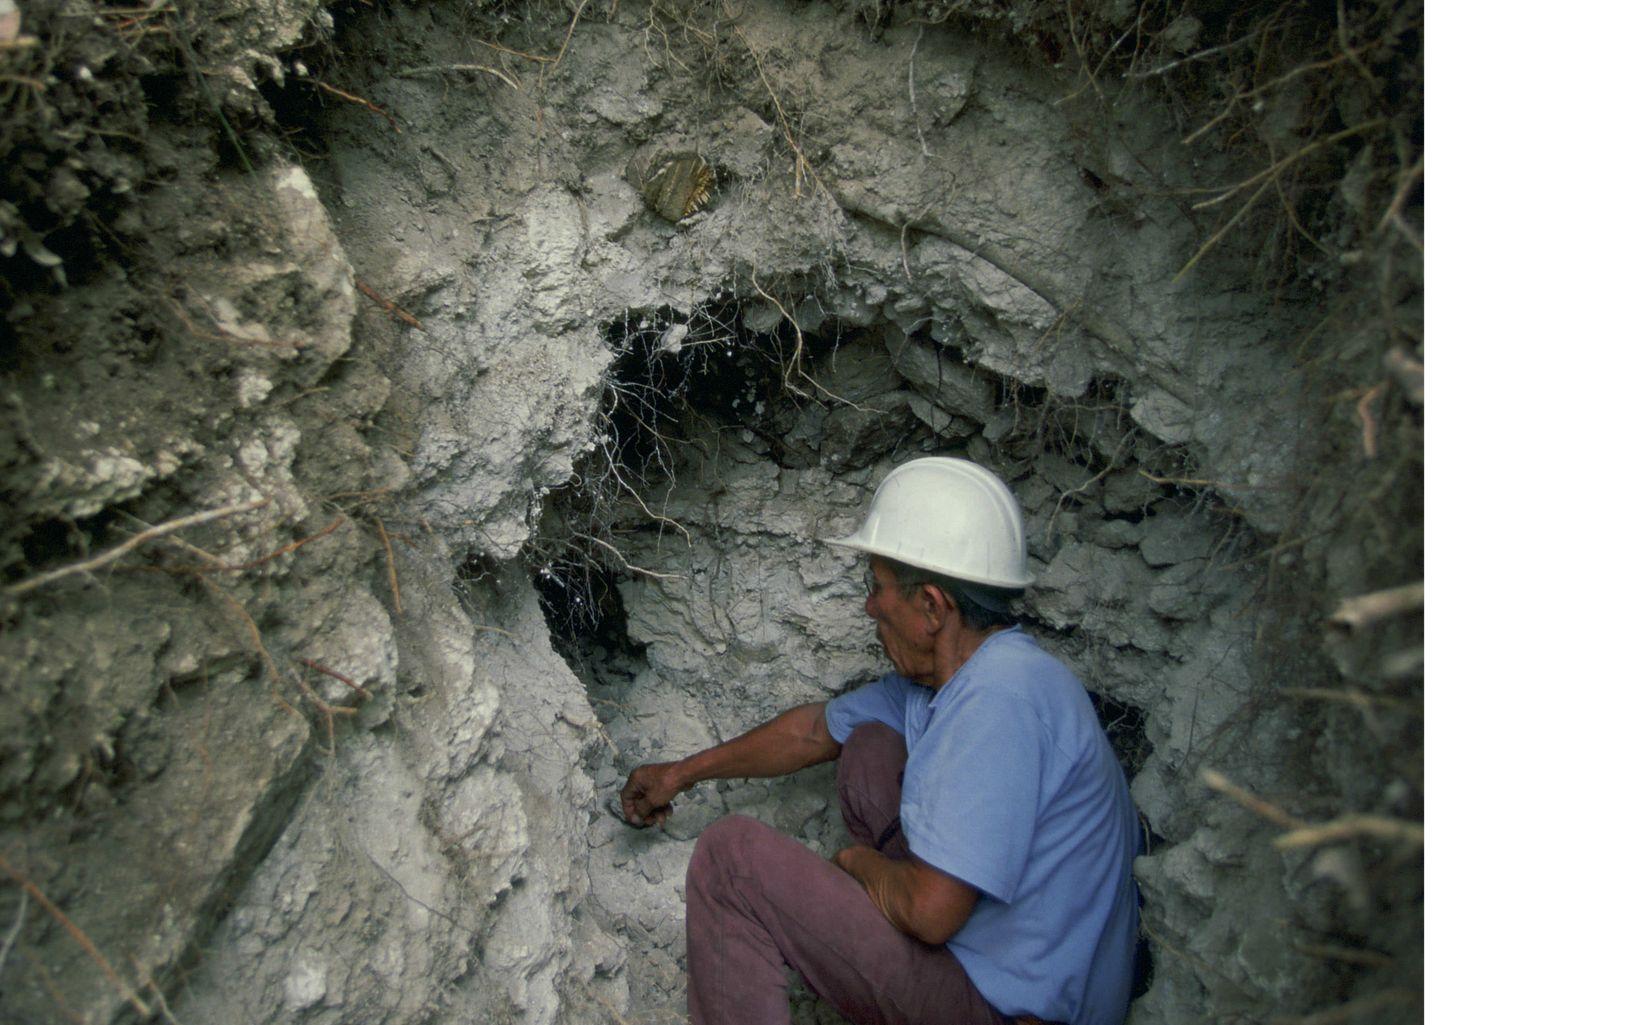 guardián de los bosques Mayas